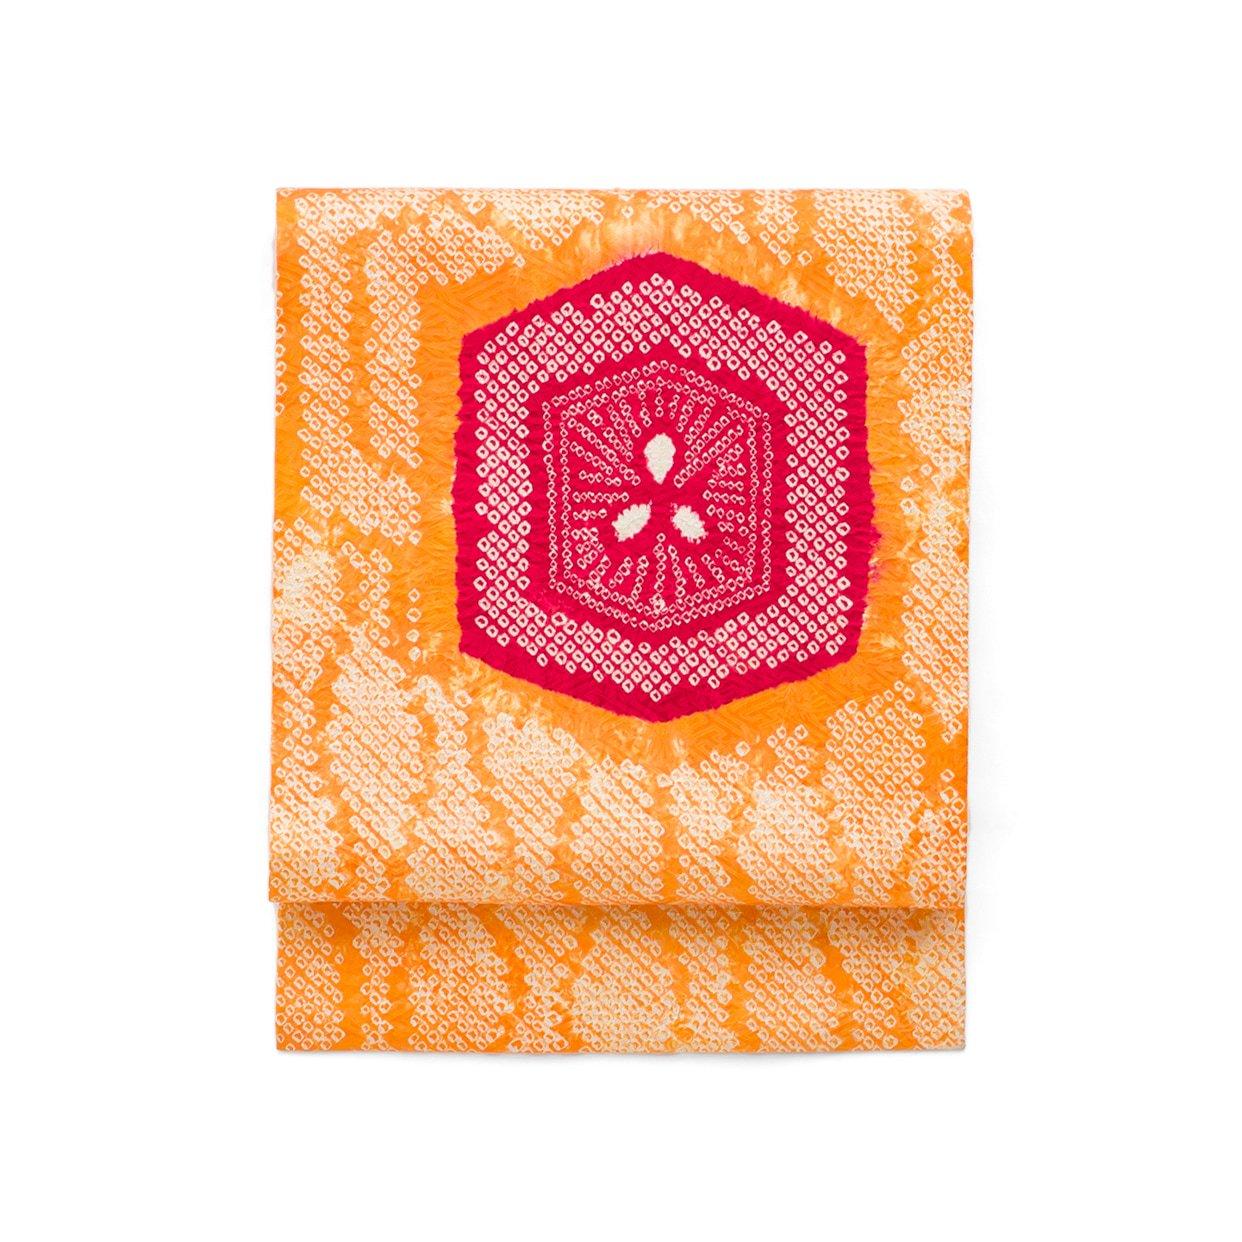 「総絞り 赤い亀甲」の商品画像